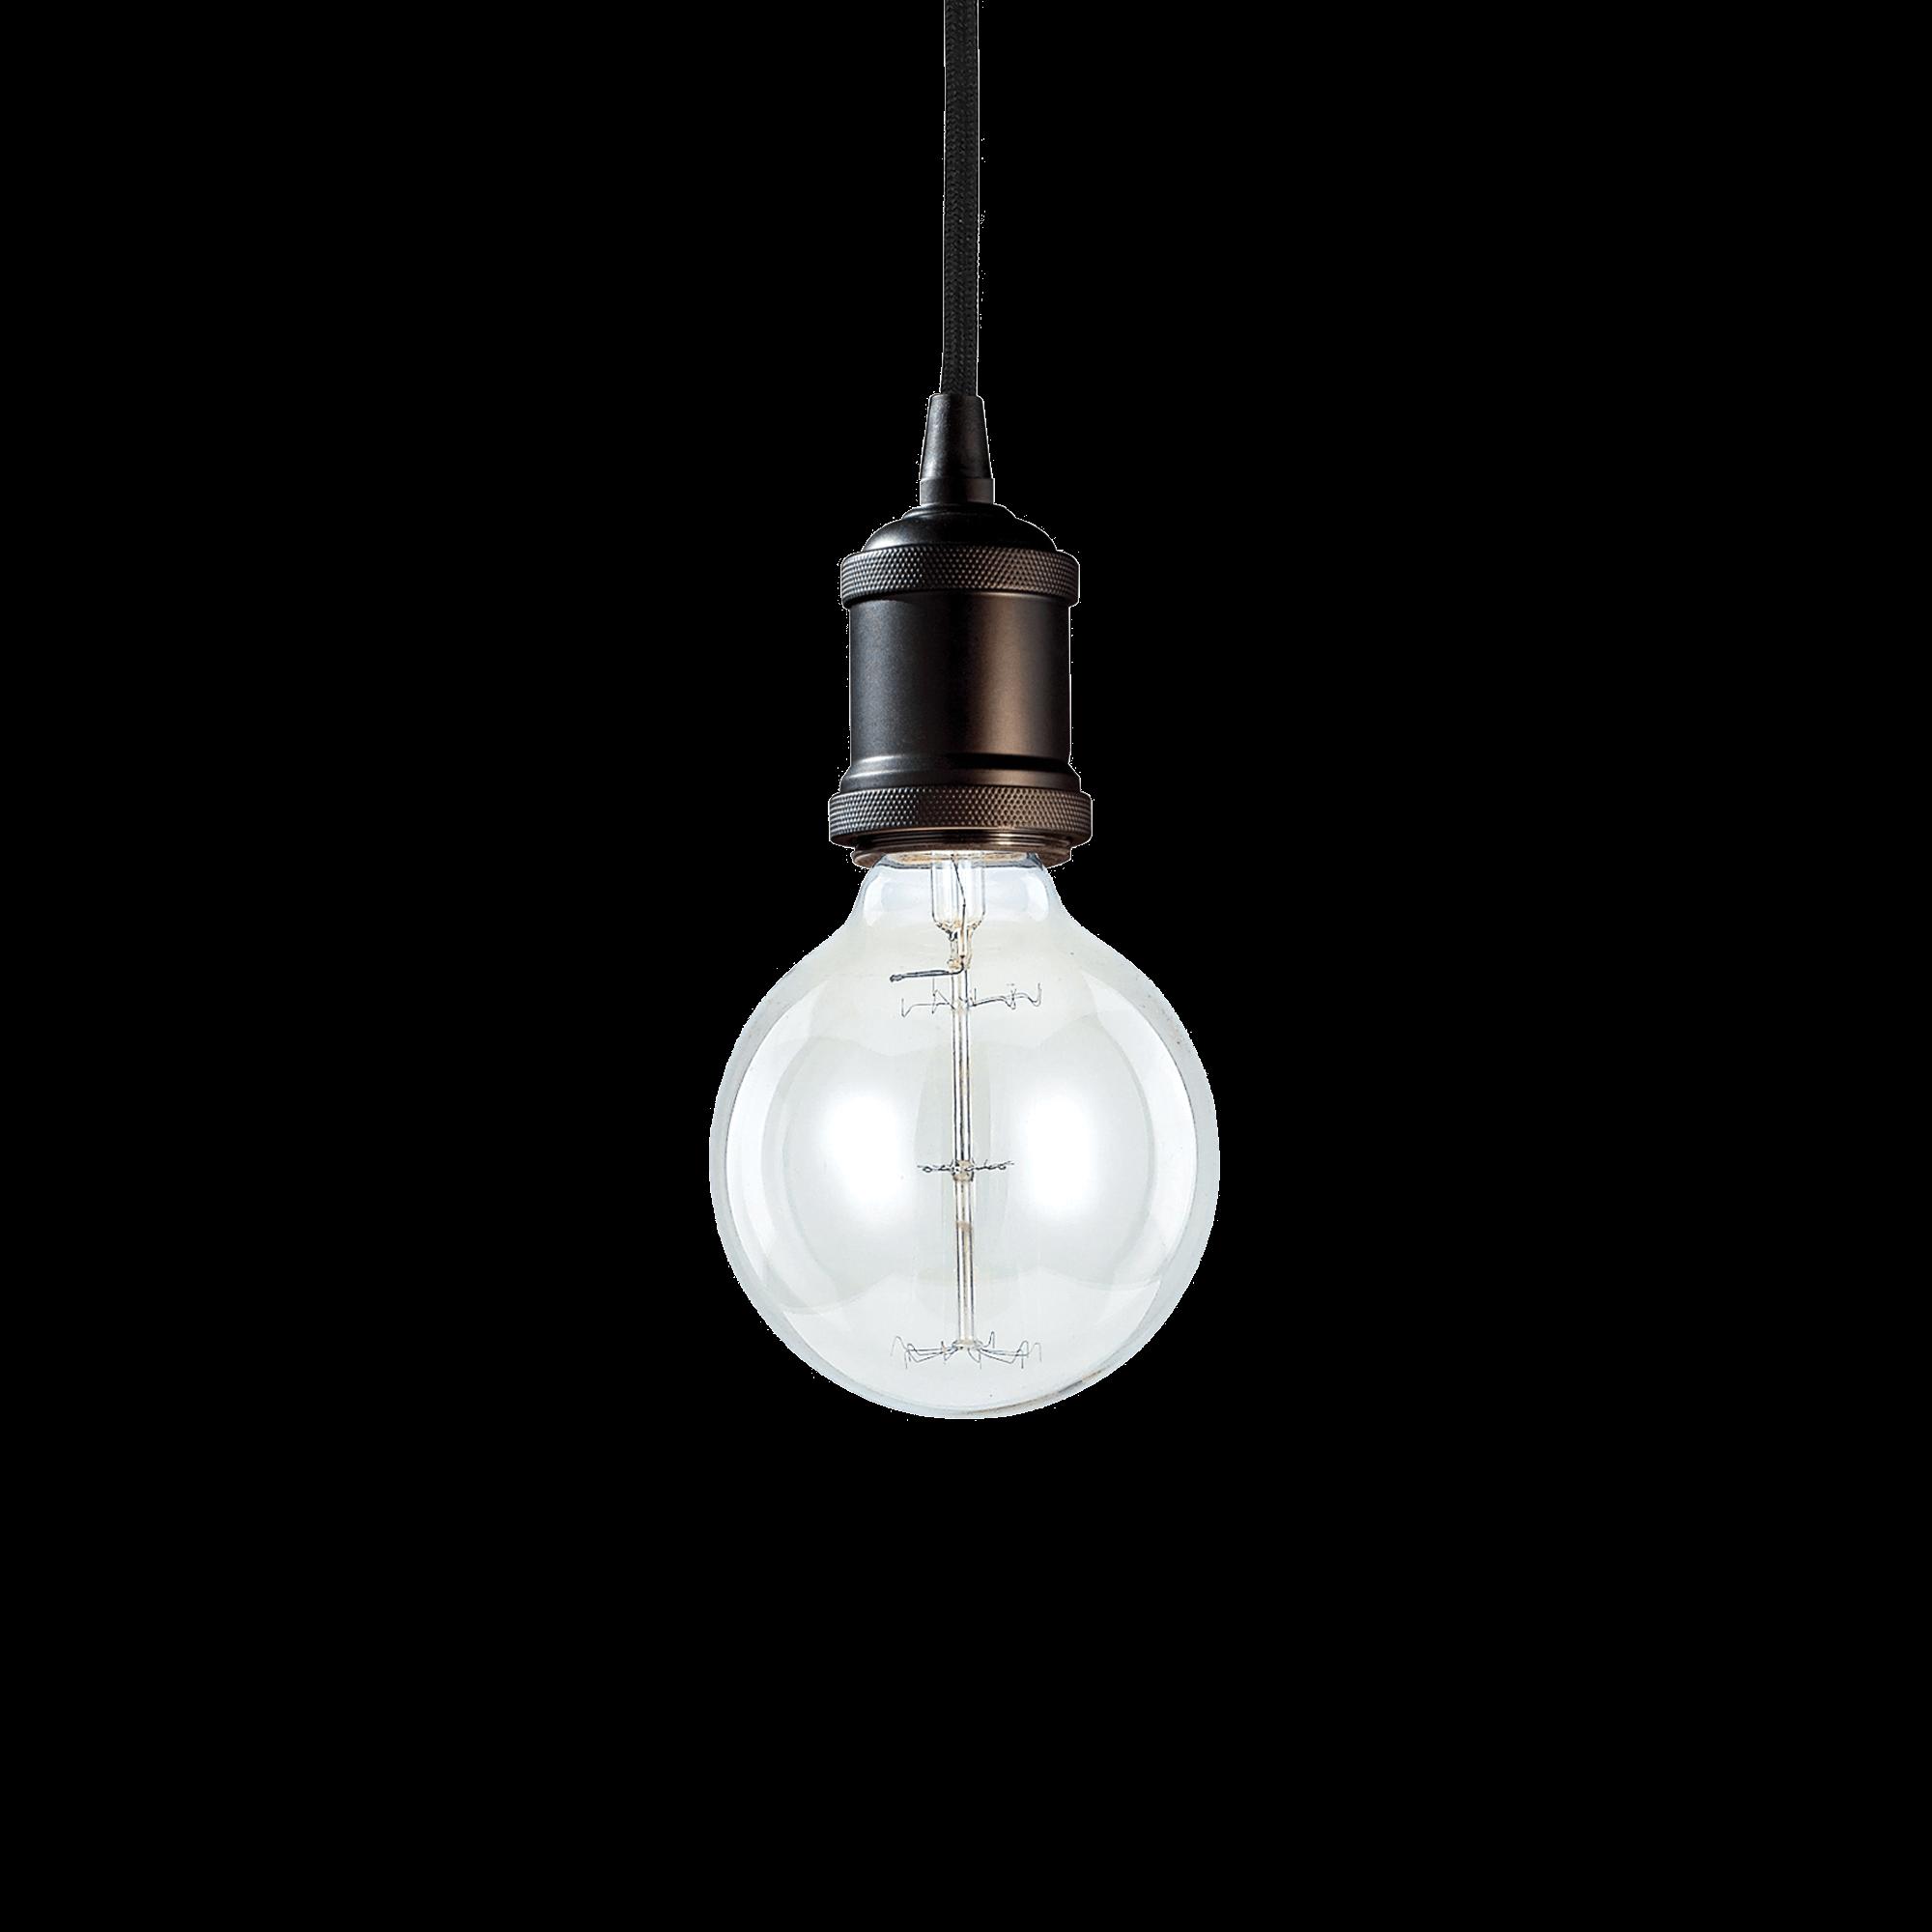 Ideal Lux 139425 FRIDA SP1 NERO függeszték